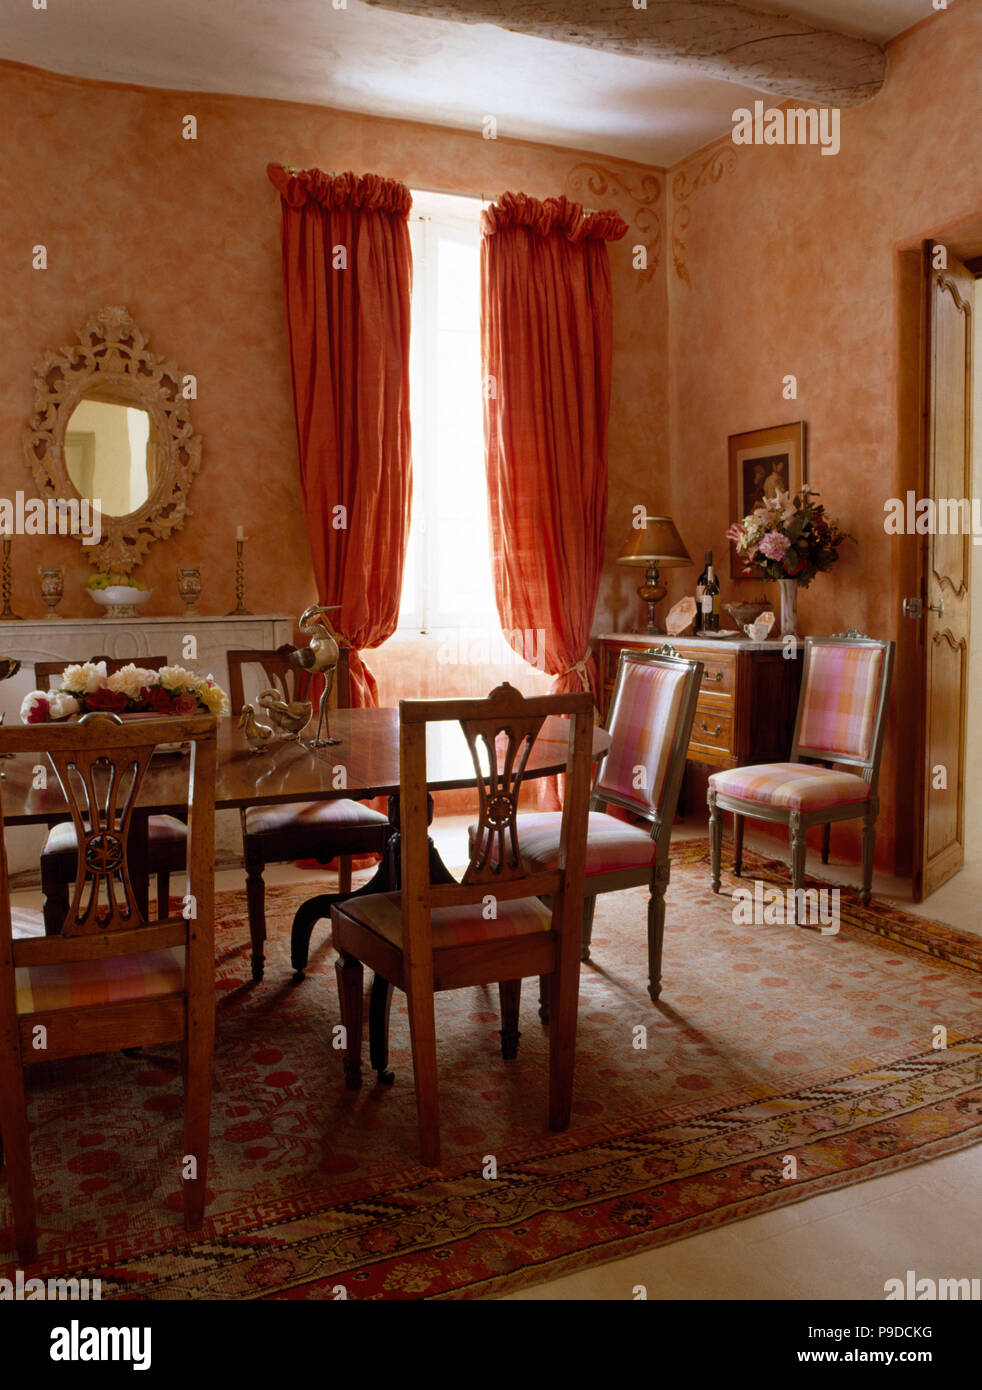 Vintage sillas y la mesa en un comedor provenzal color durazno con ...